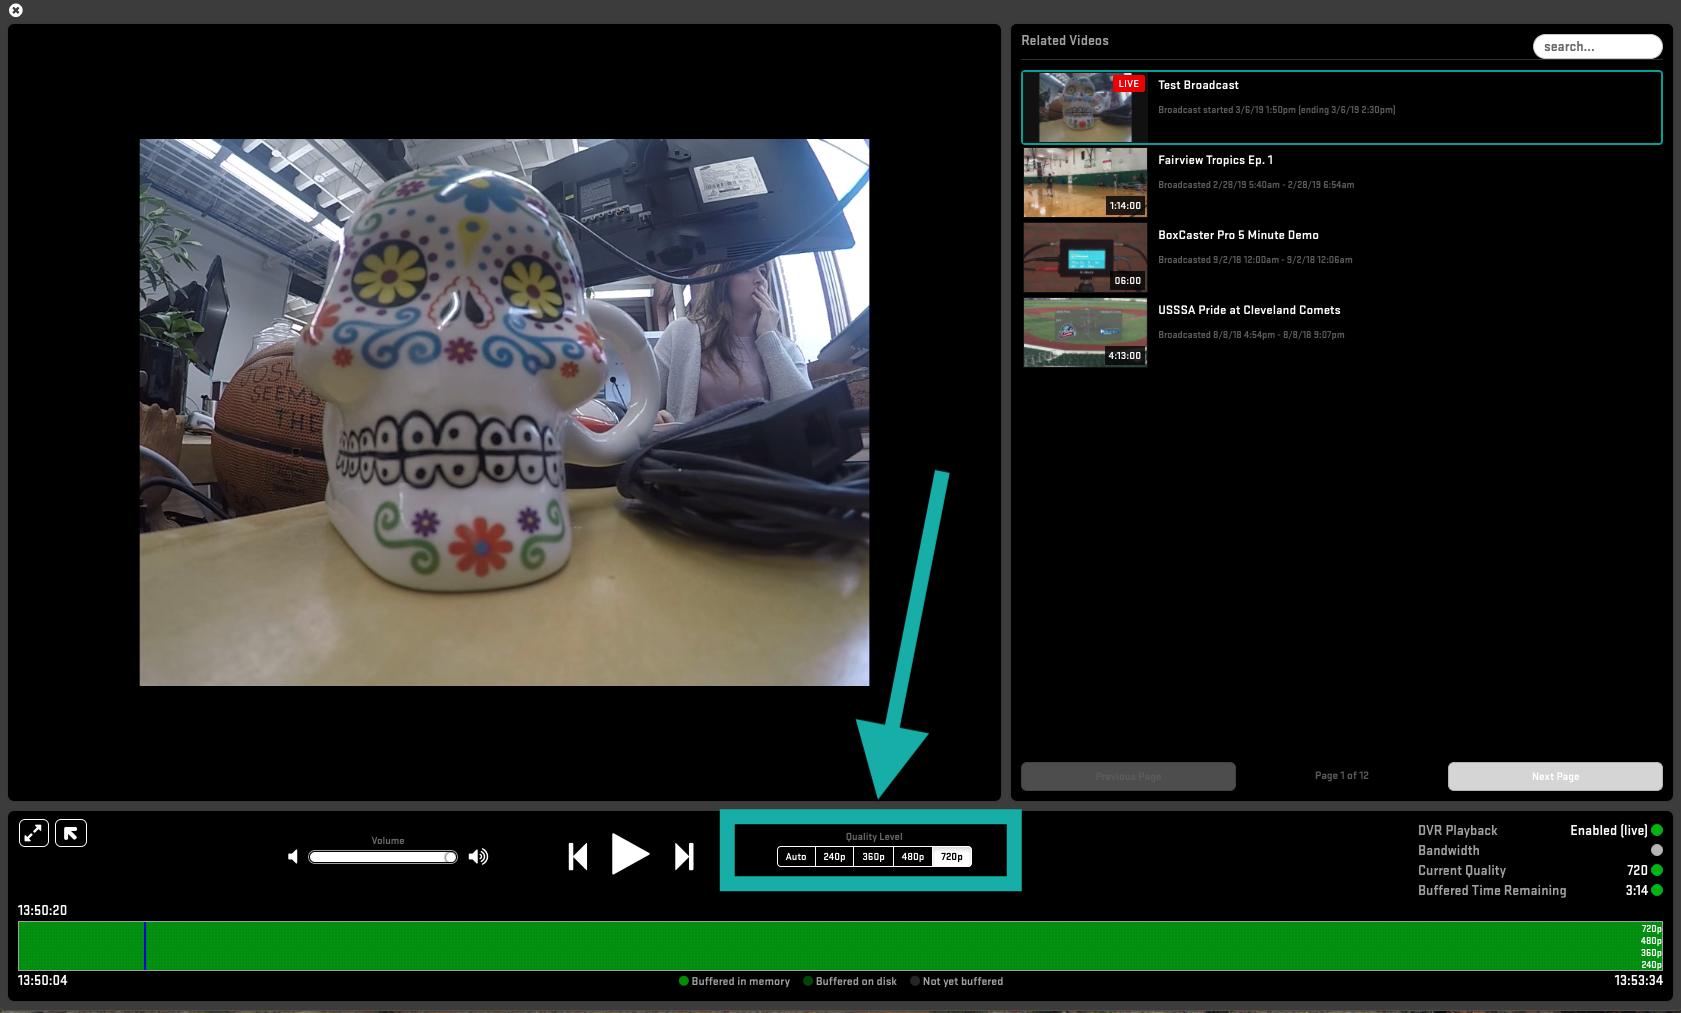 Screen_Shot_2019-03-06_at_1.53.36_PM.png